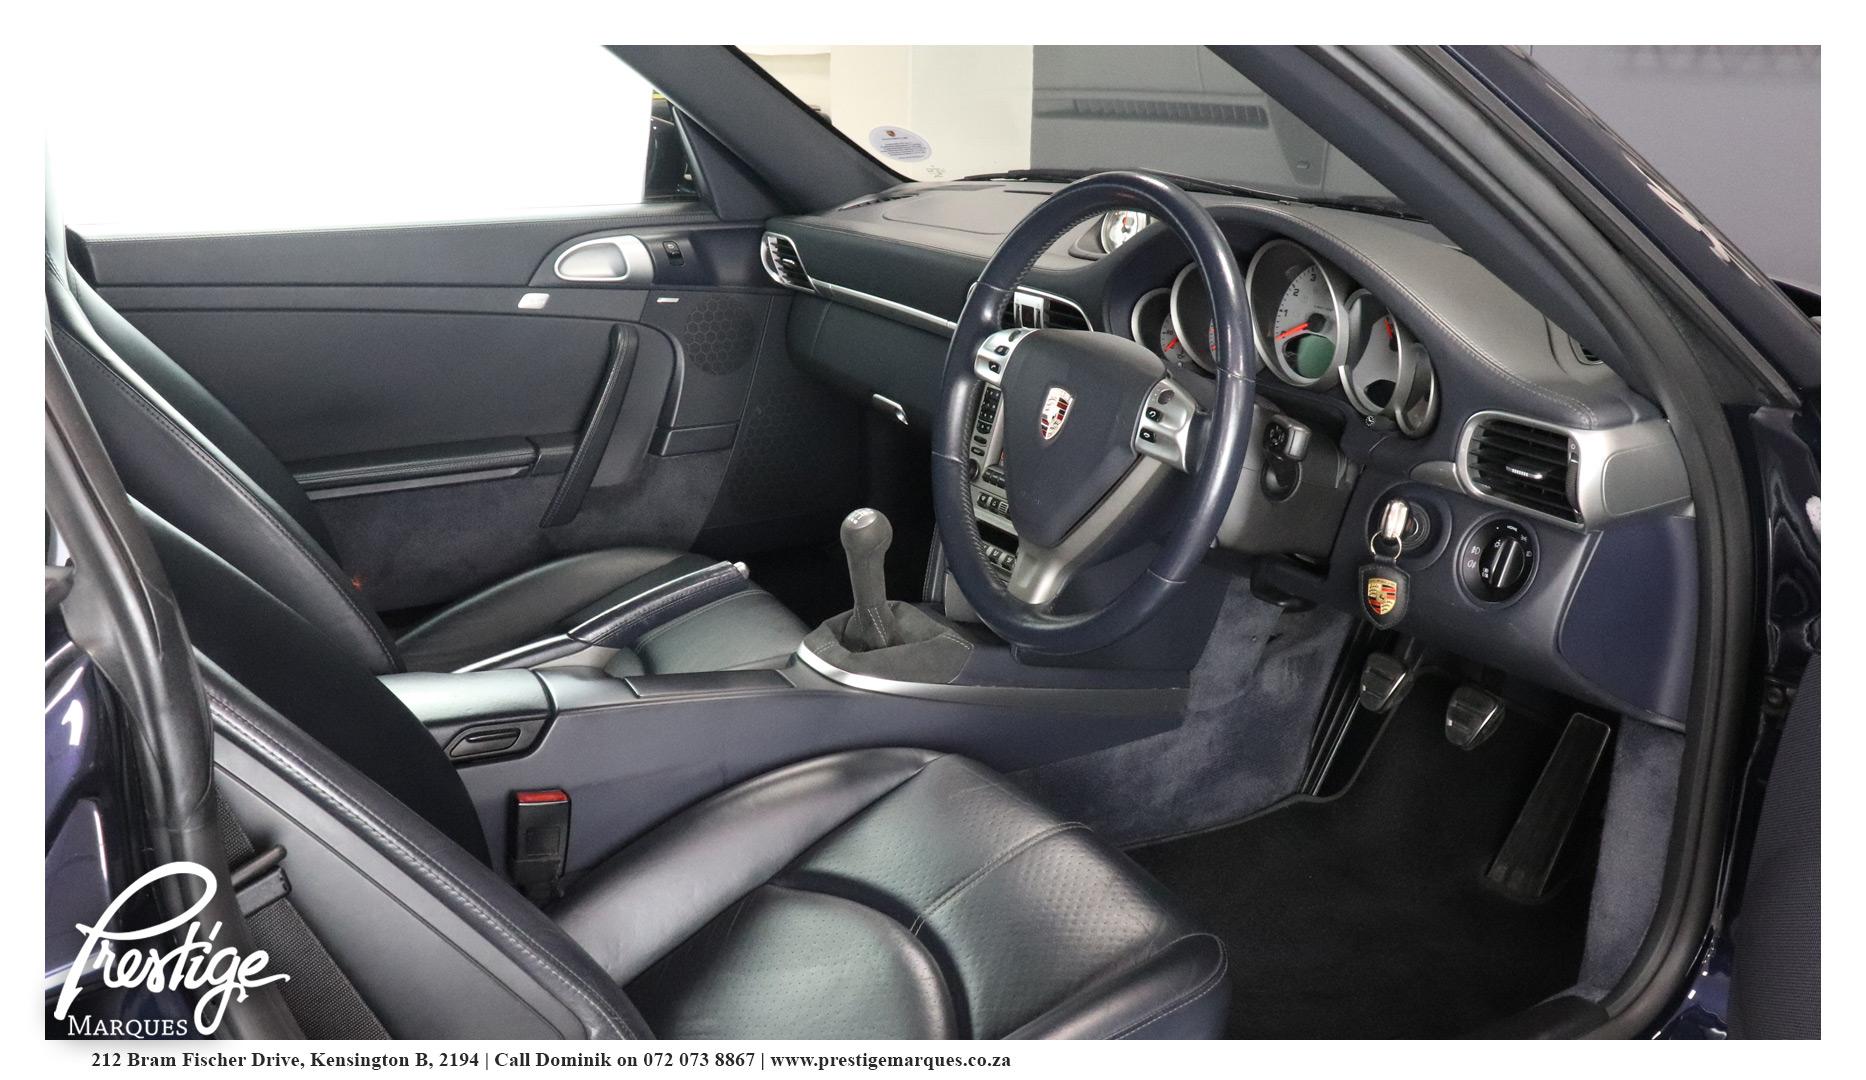 2007-Porsche-911-997-Carerra-4s-manual-prestige-marques-randburg-sandton-12